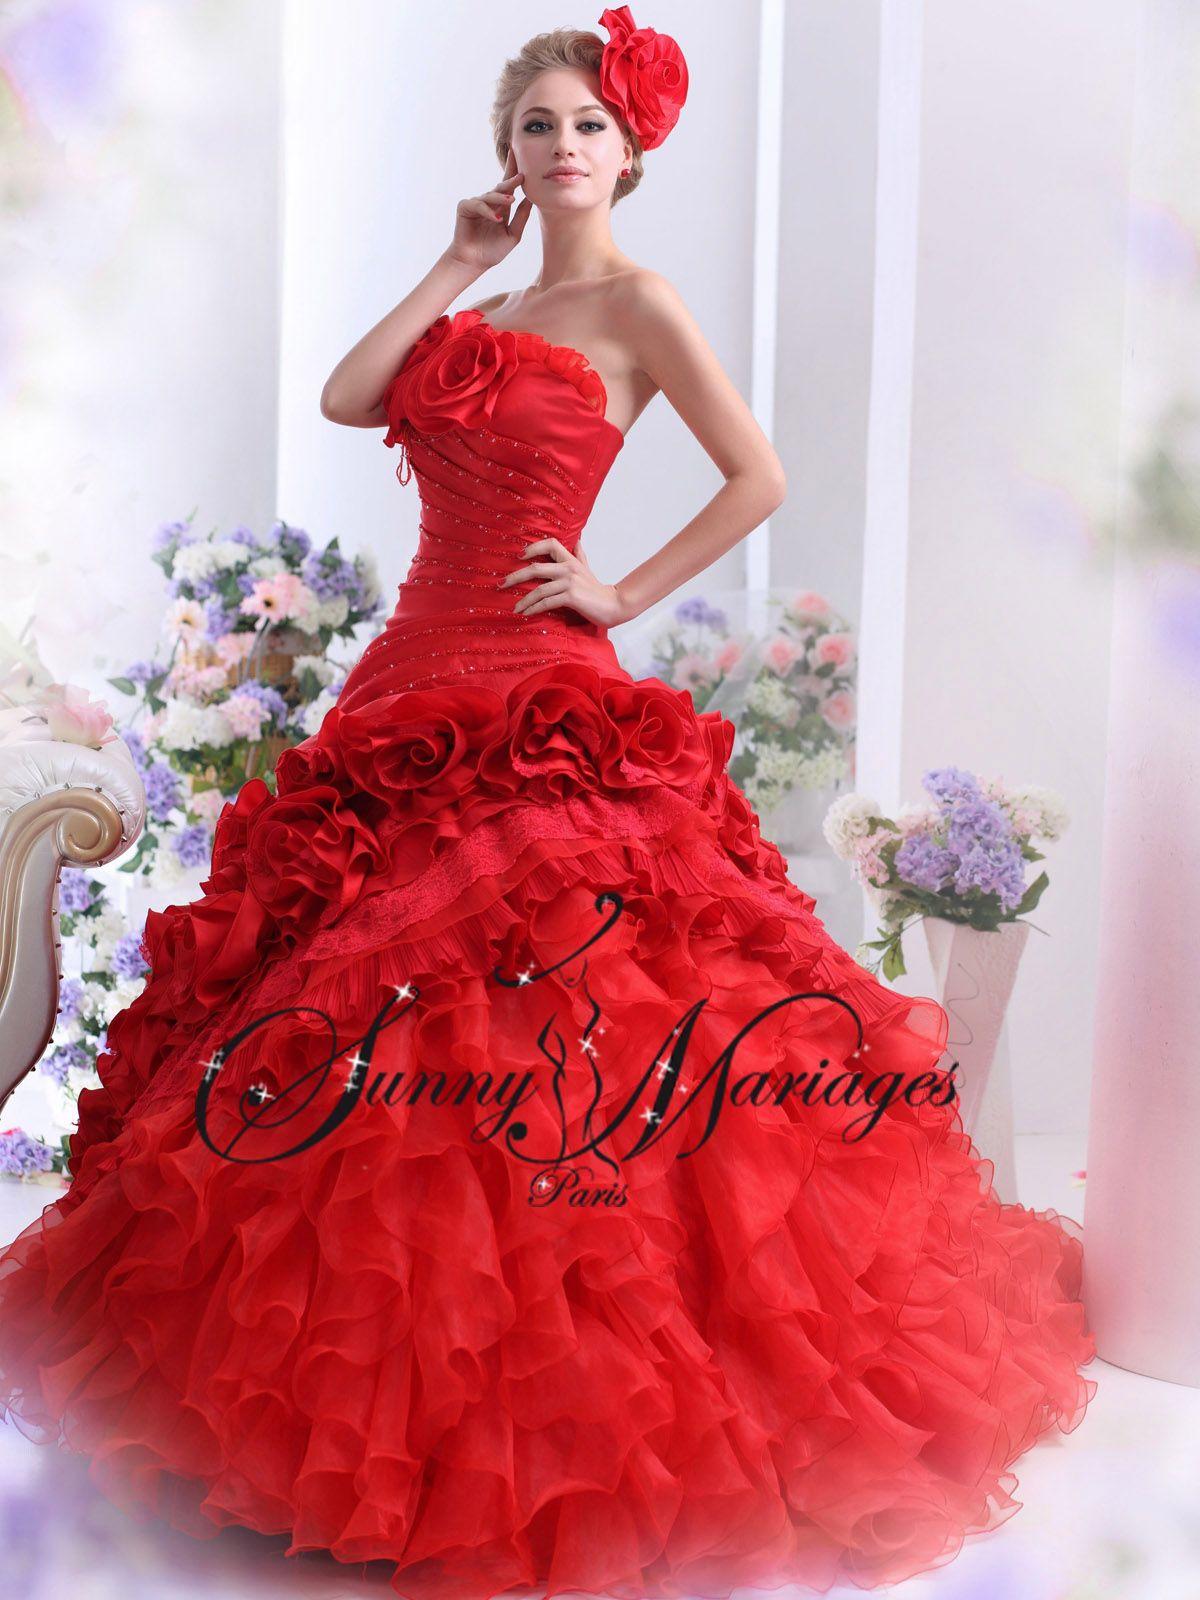 robes de mari e couleur rouge noir ivoire blanche sur mesure sunny mariage robe de cramignon. Black Bedroom Furniture Sets. Home Design Ideas